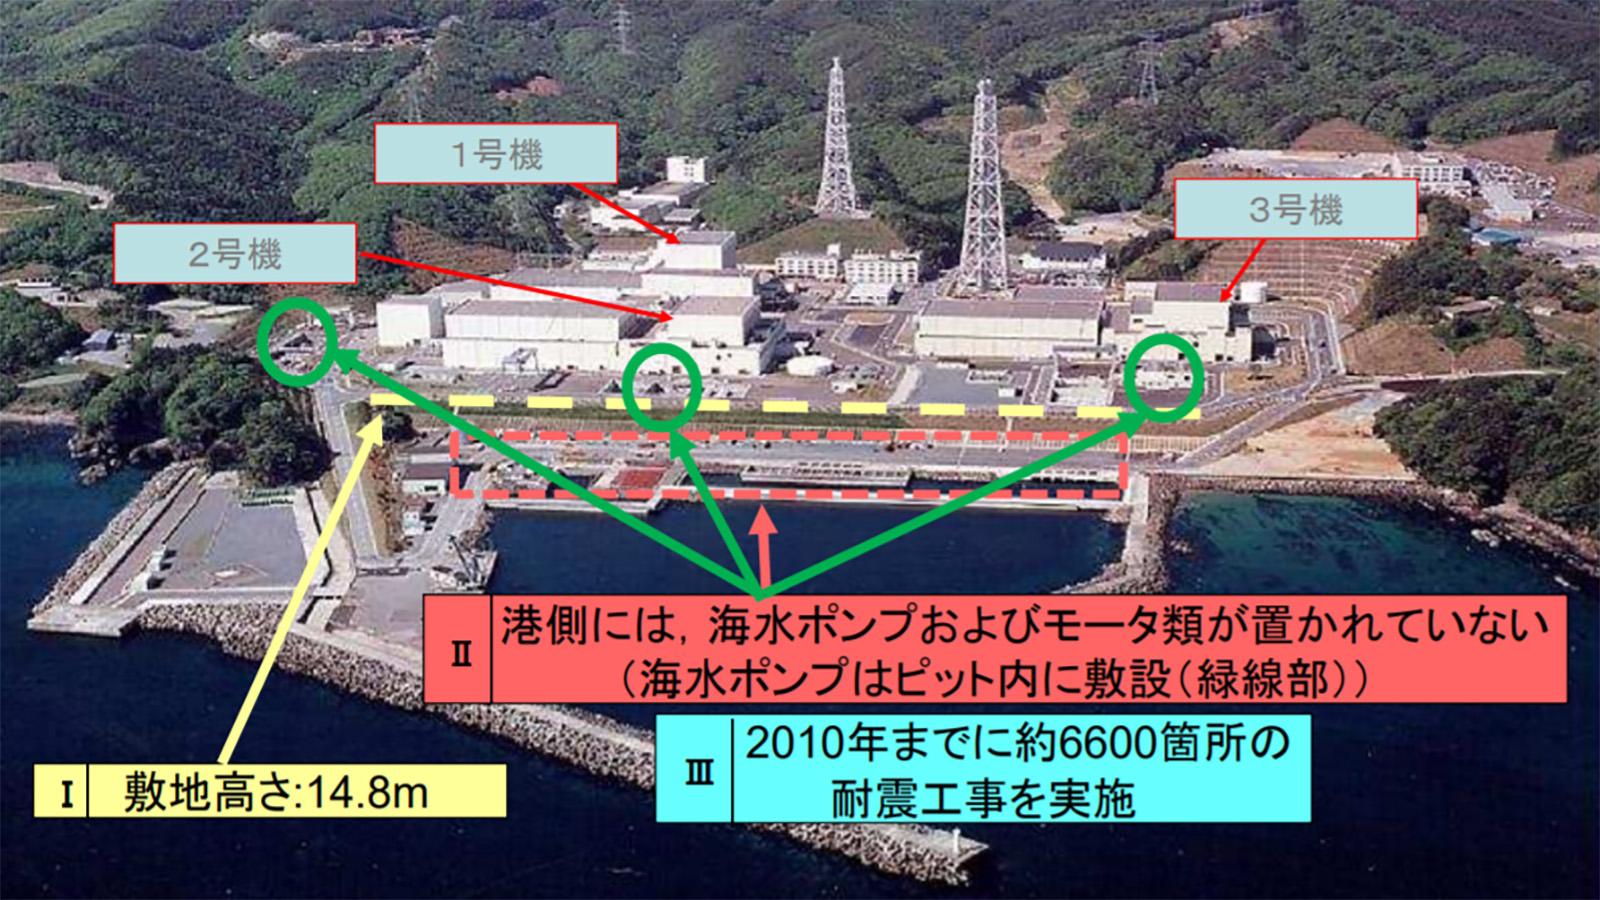 所 原子力 発電 九州電力 原子力発電所の概要